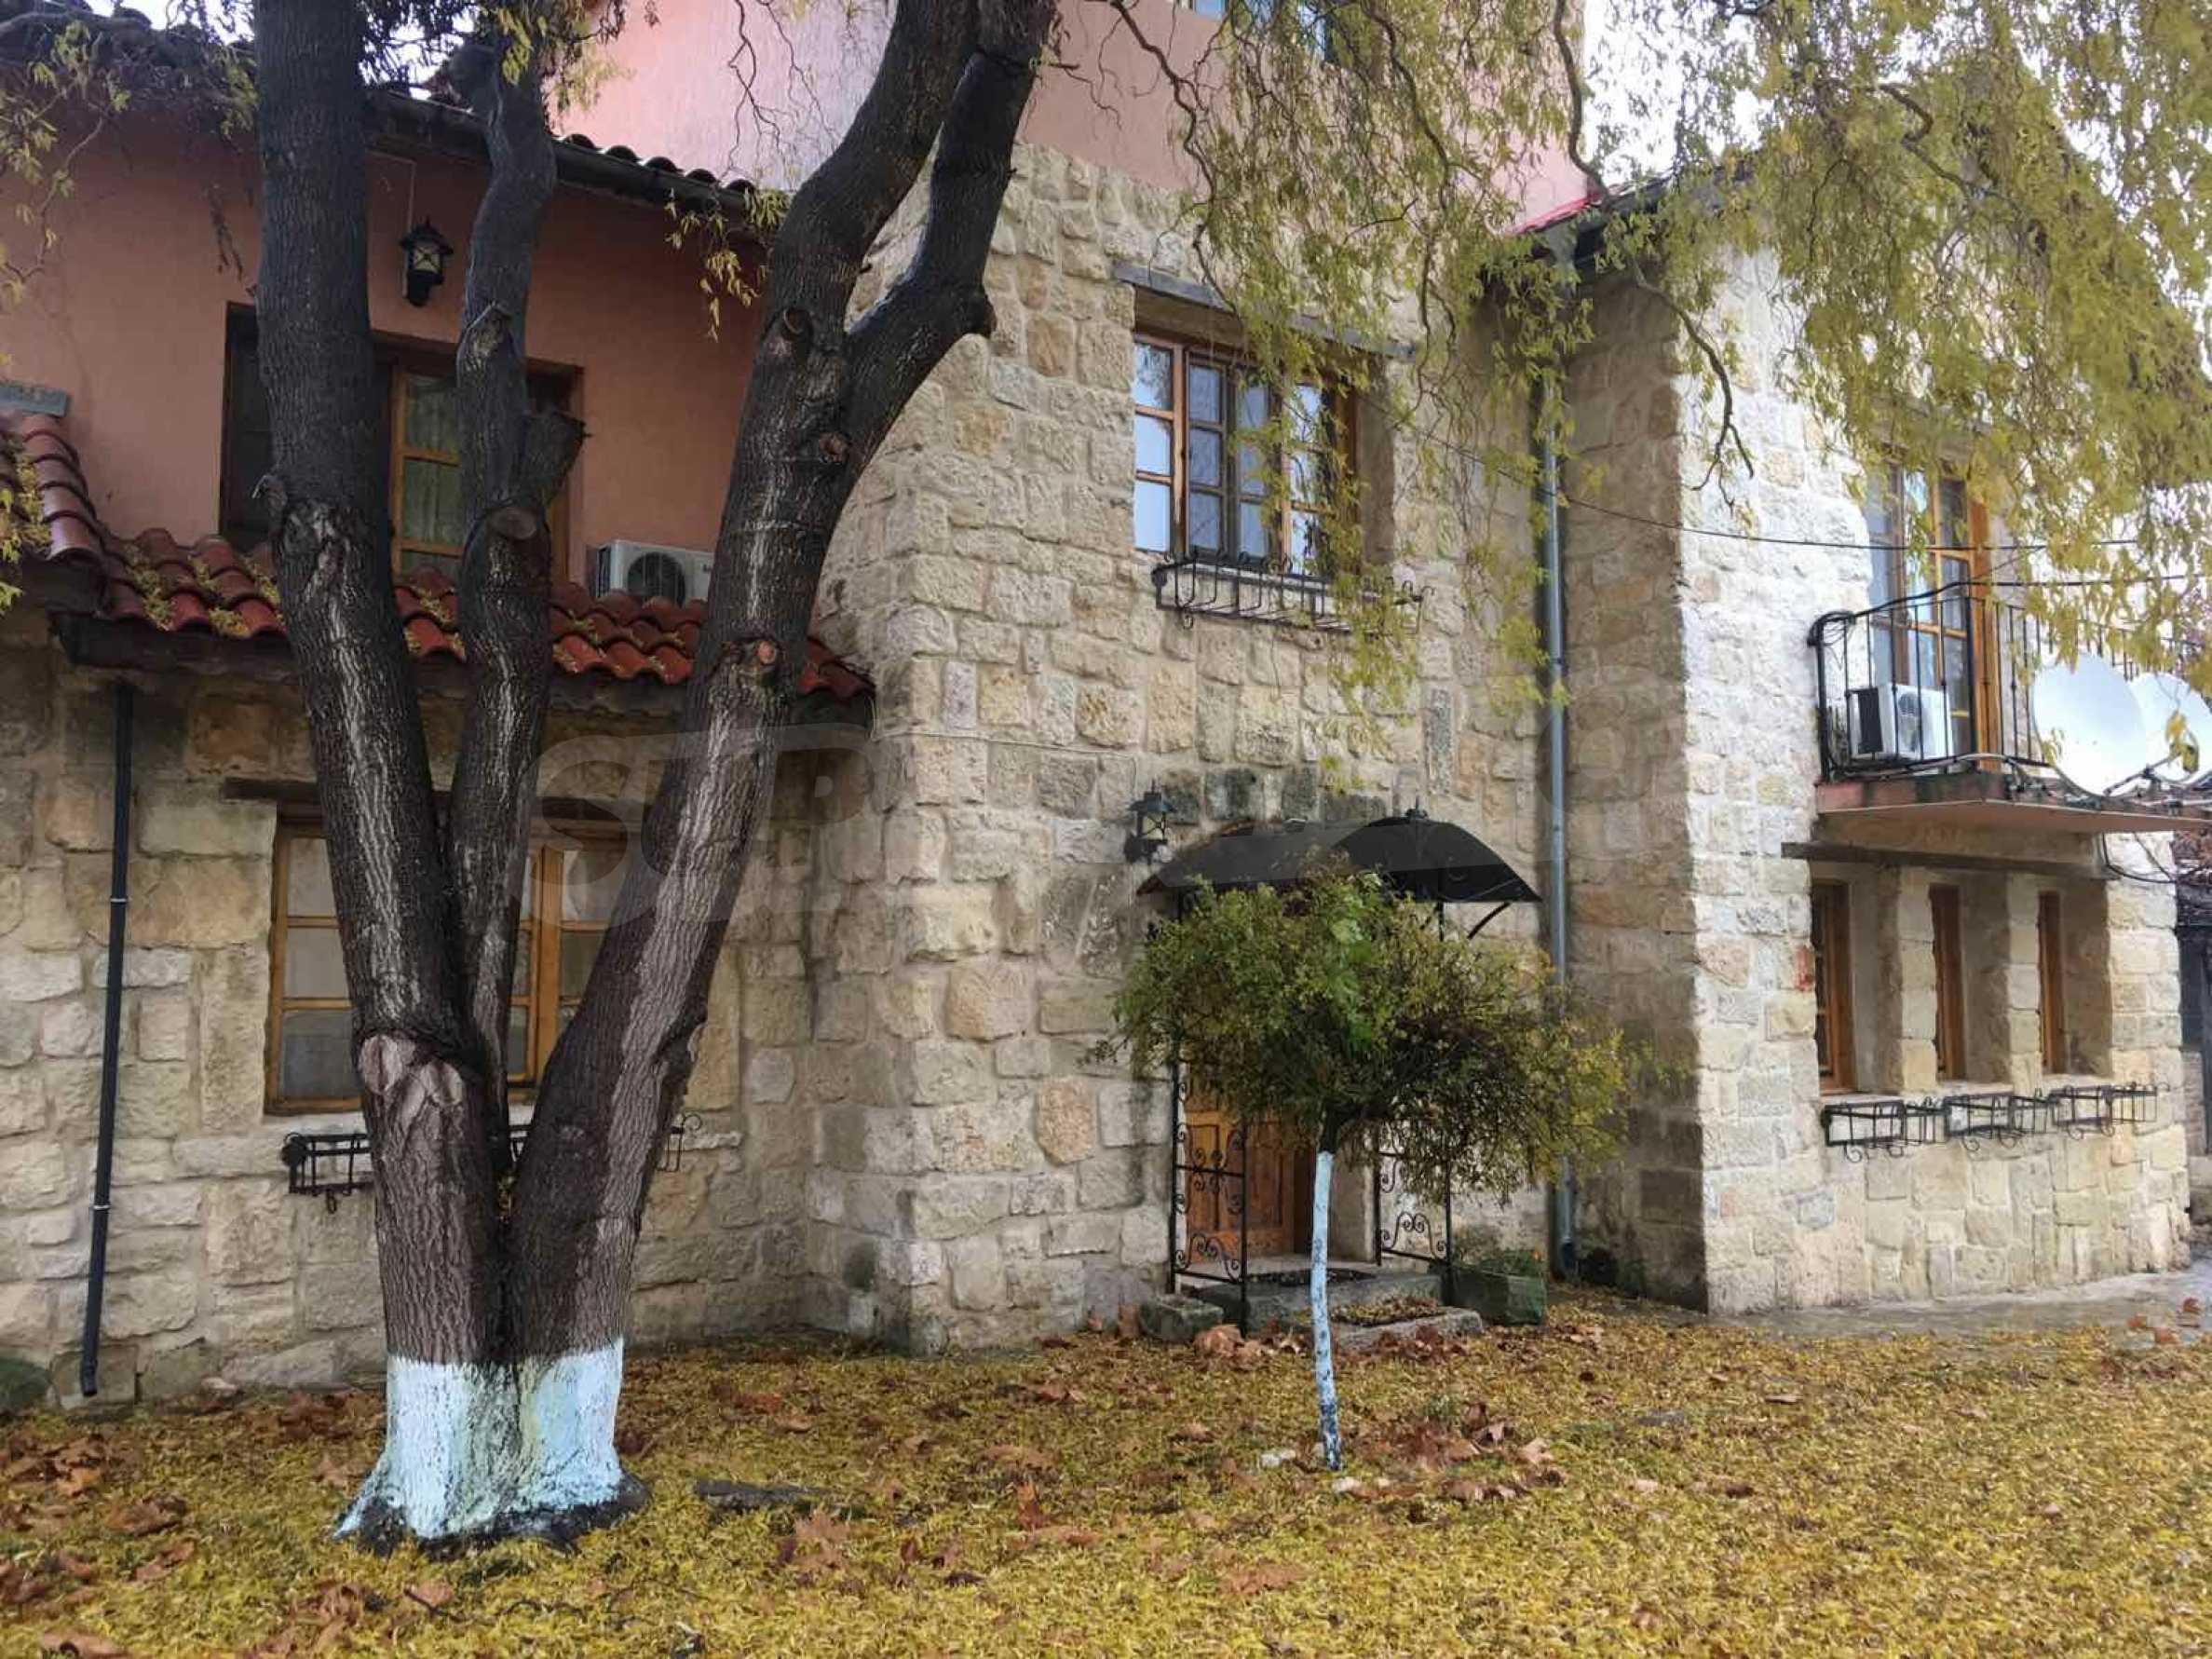 Herrenhaus nach Varna 45